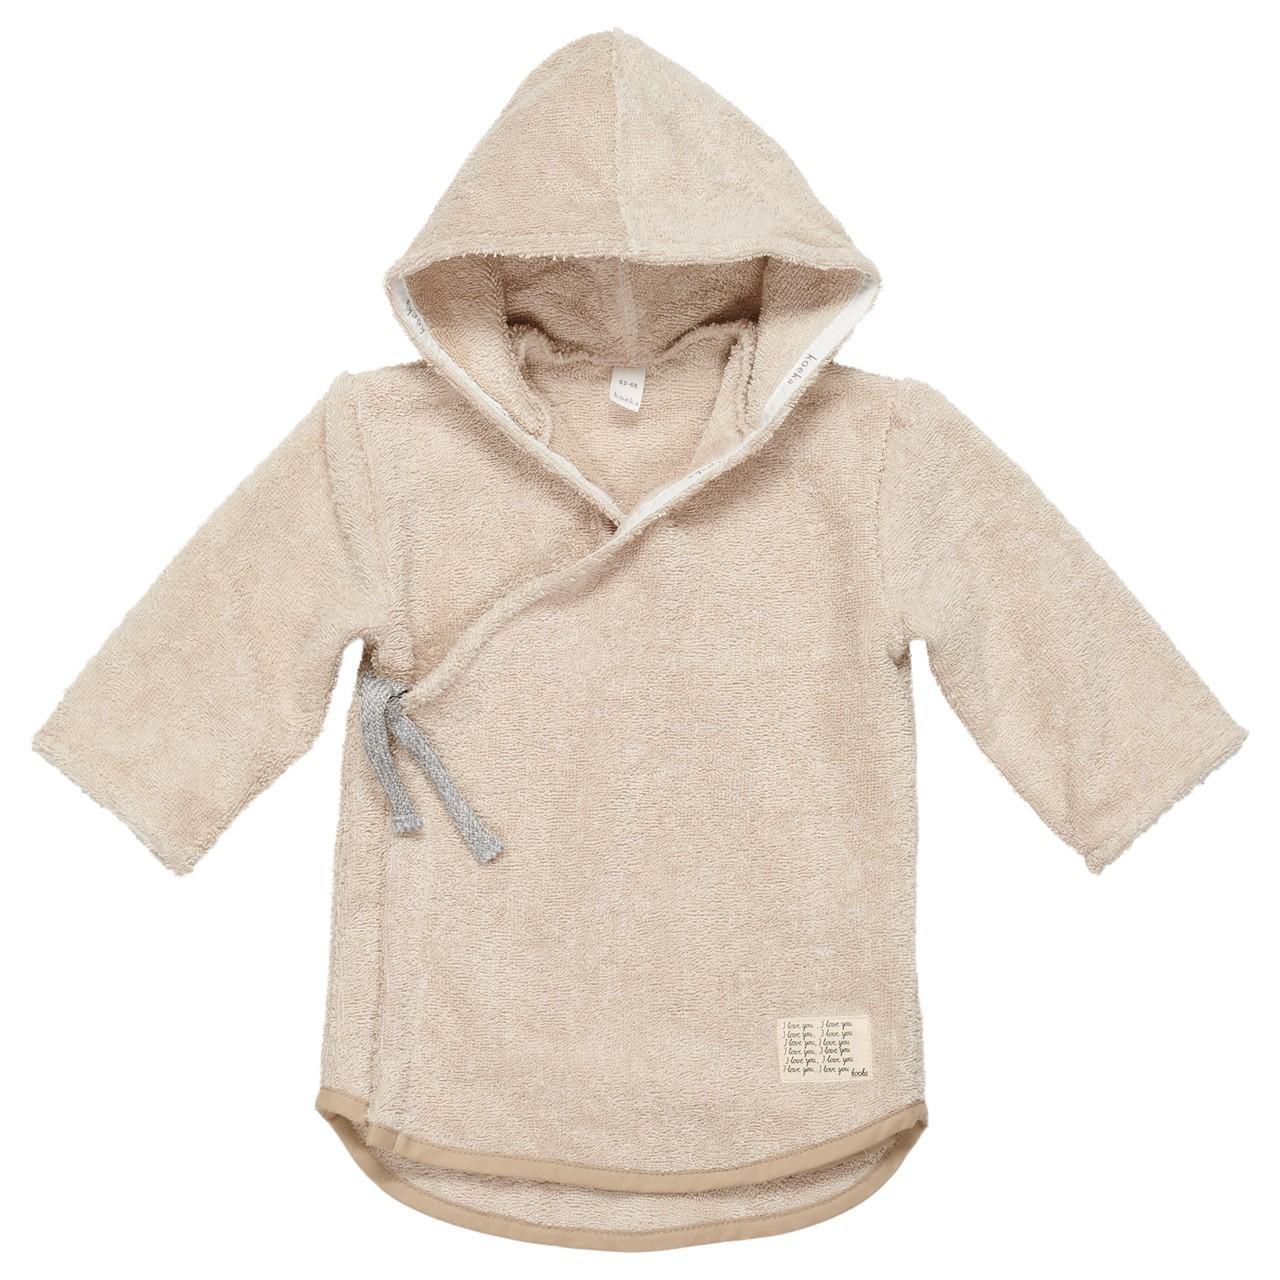 Koeka - Baby Badjas Dijon Organic Sand - 3-6M